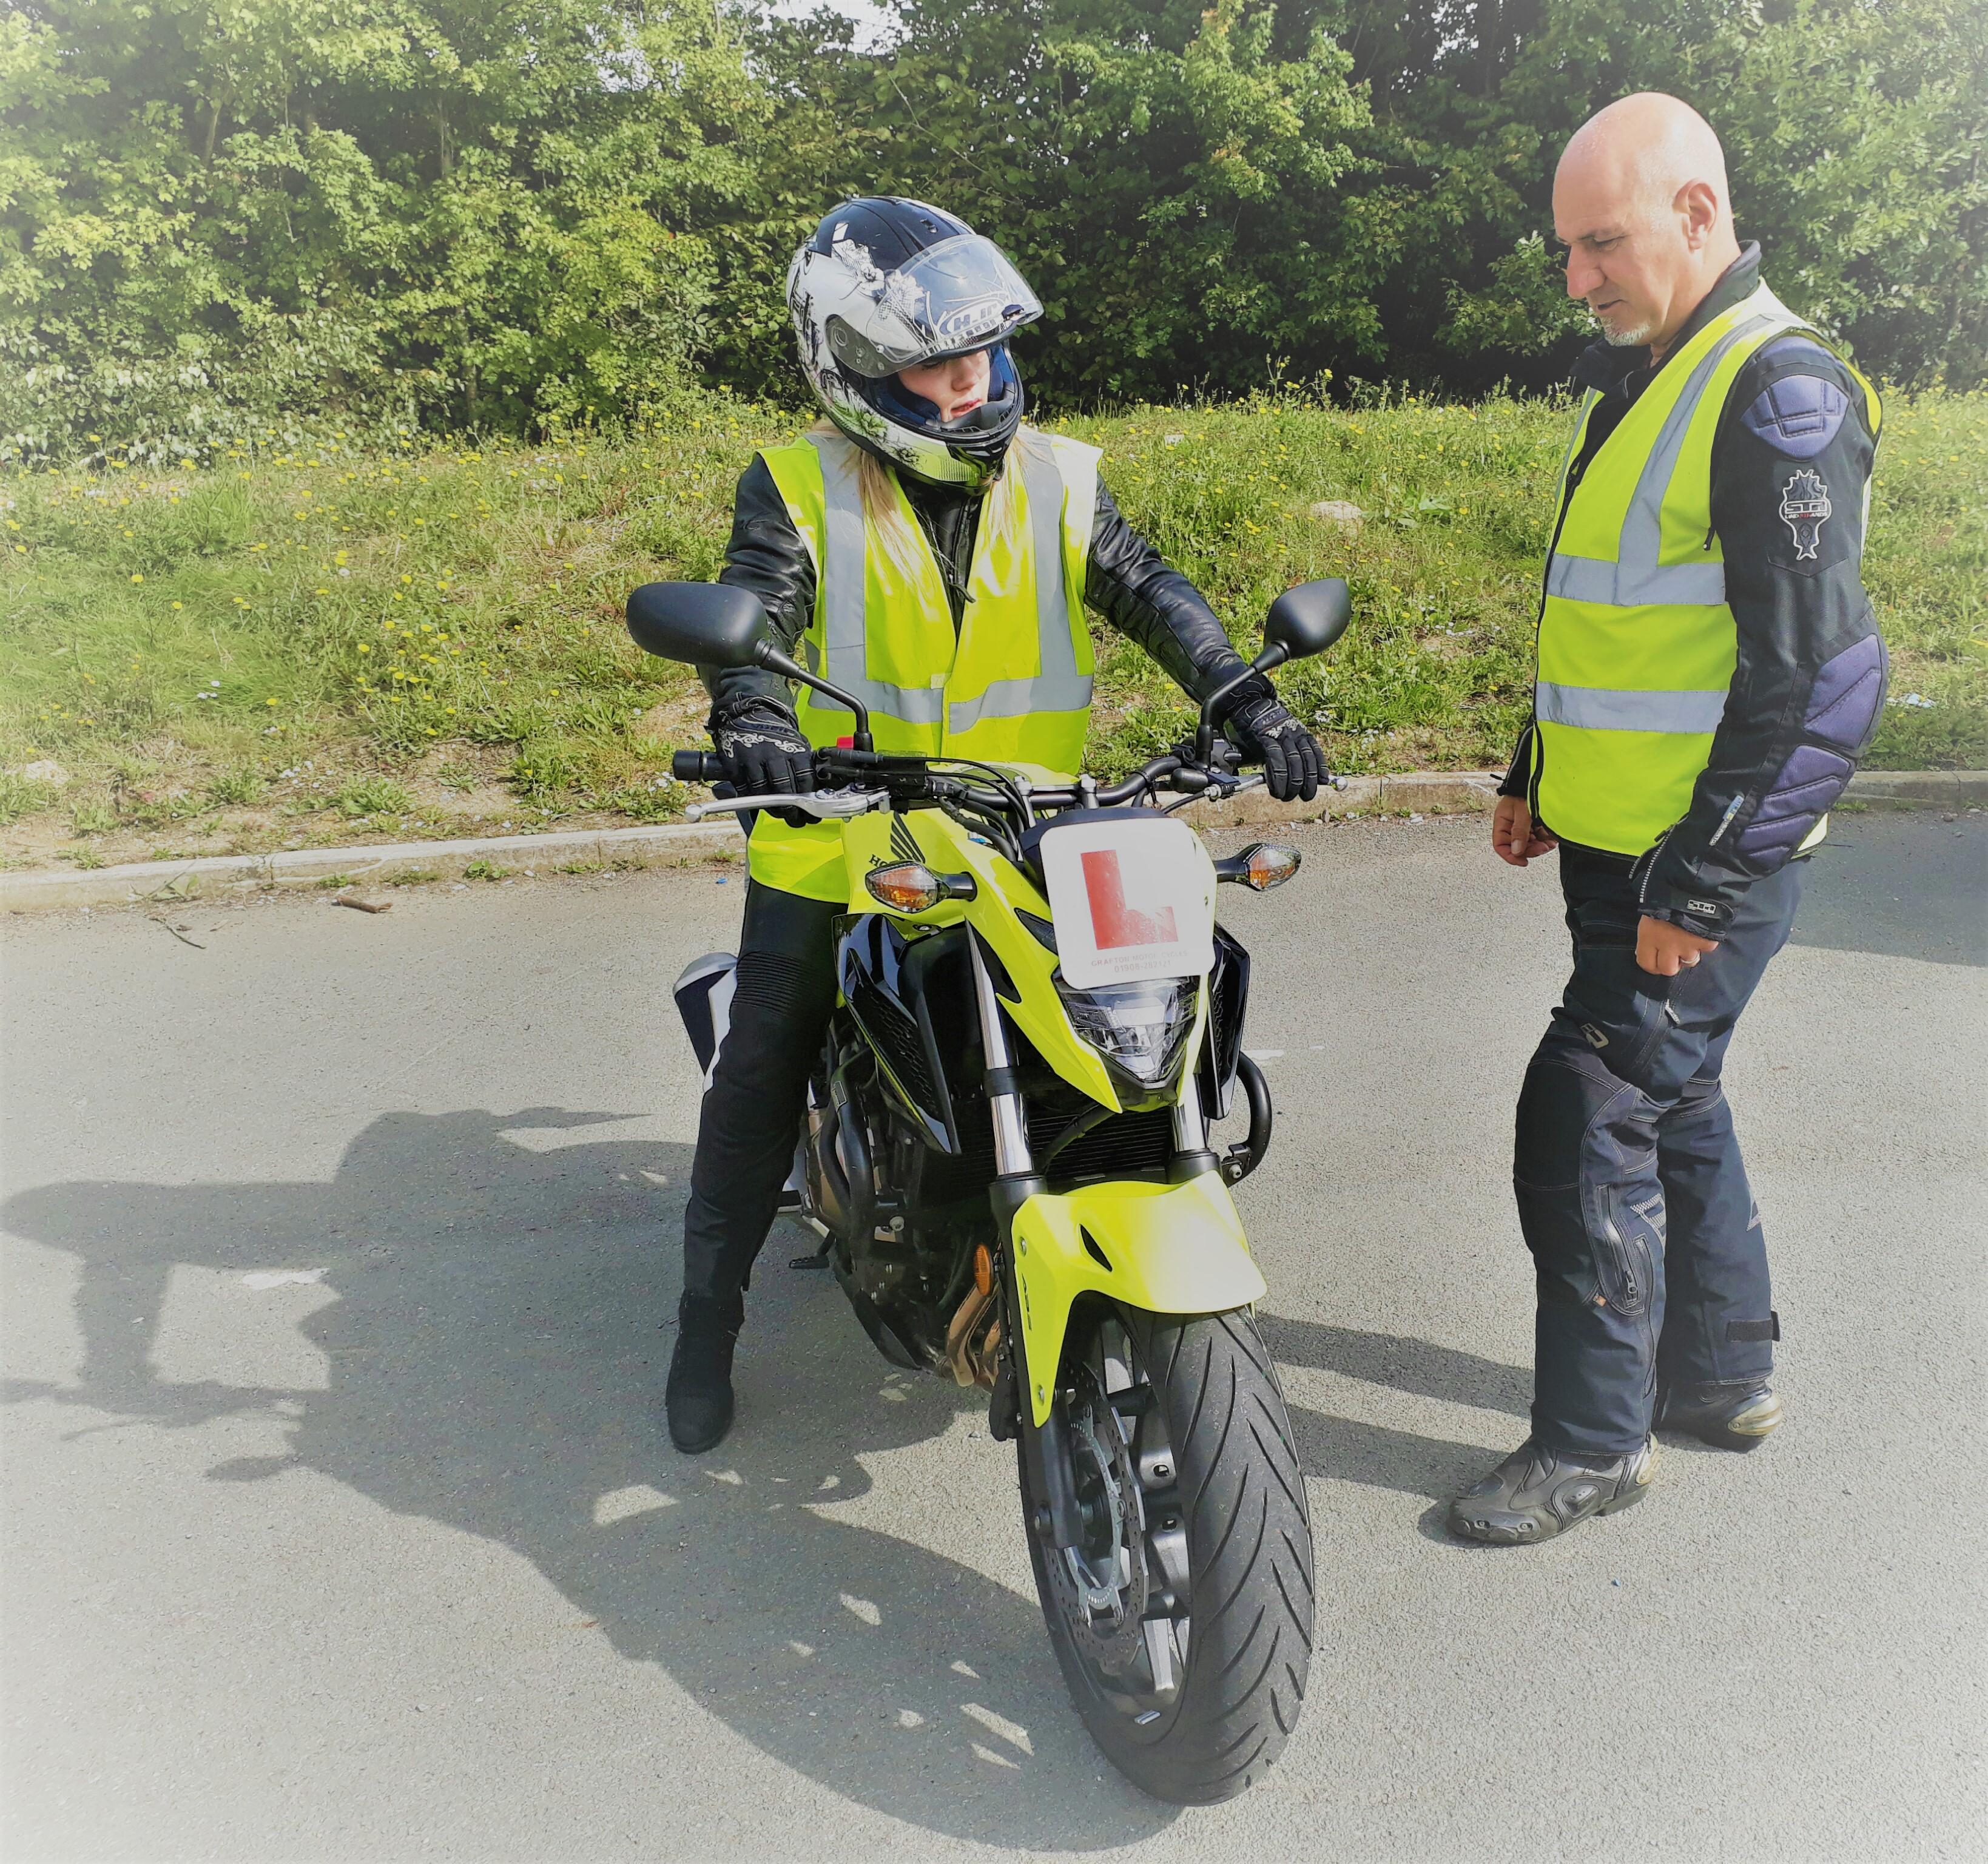 JOB VACANCY - MOTORCYCLE INSTRUCTOR